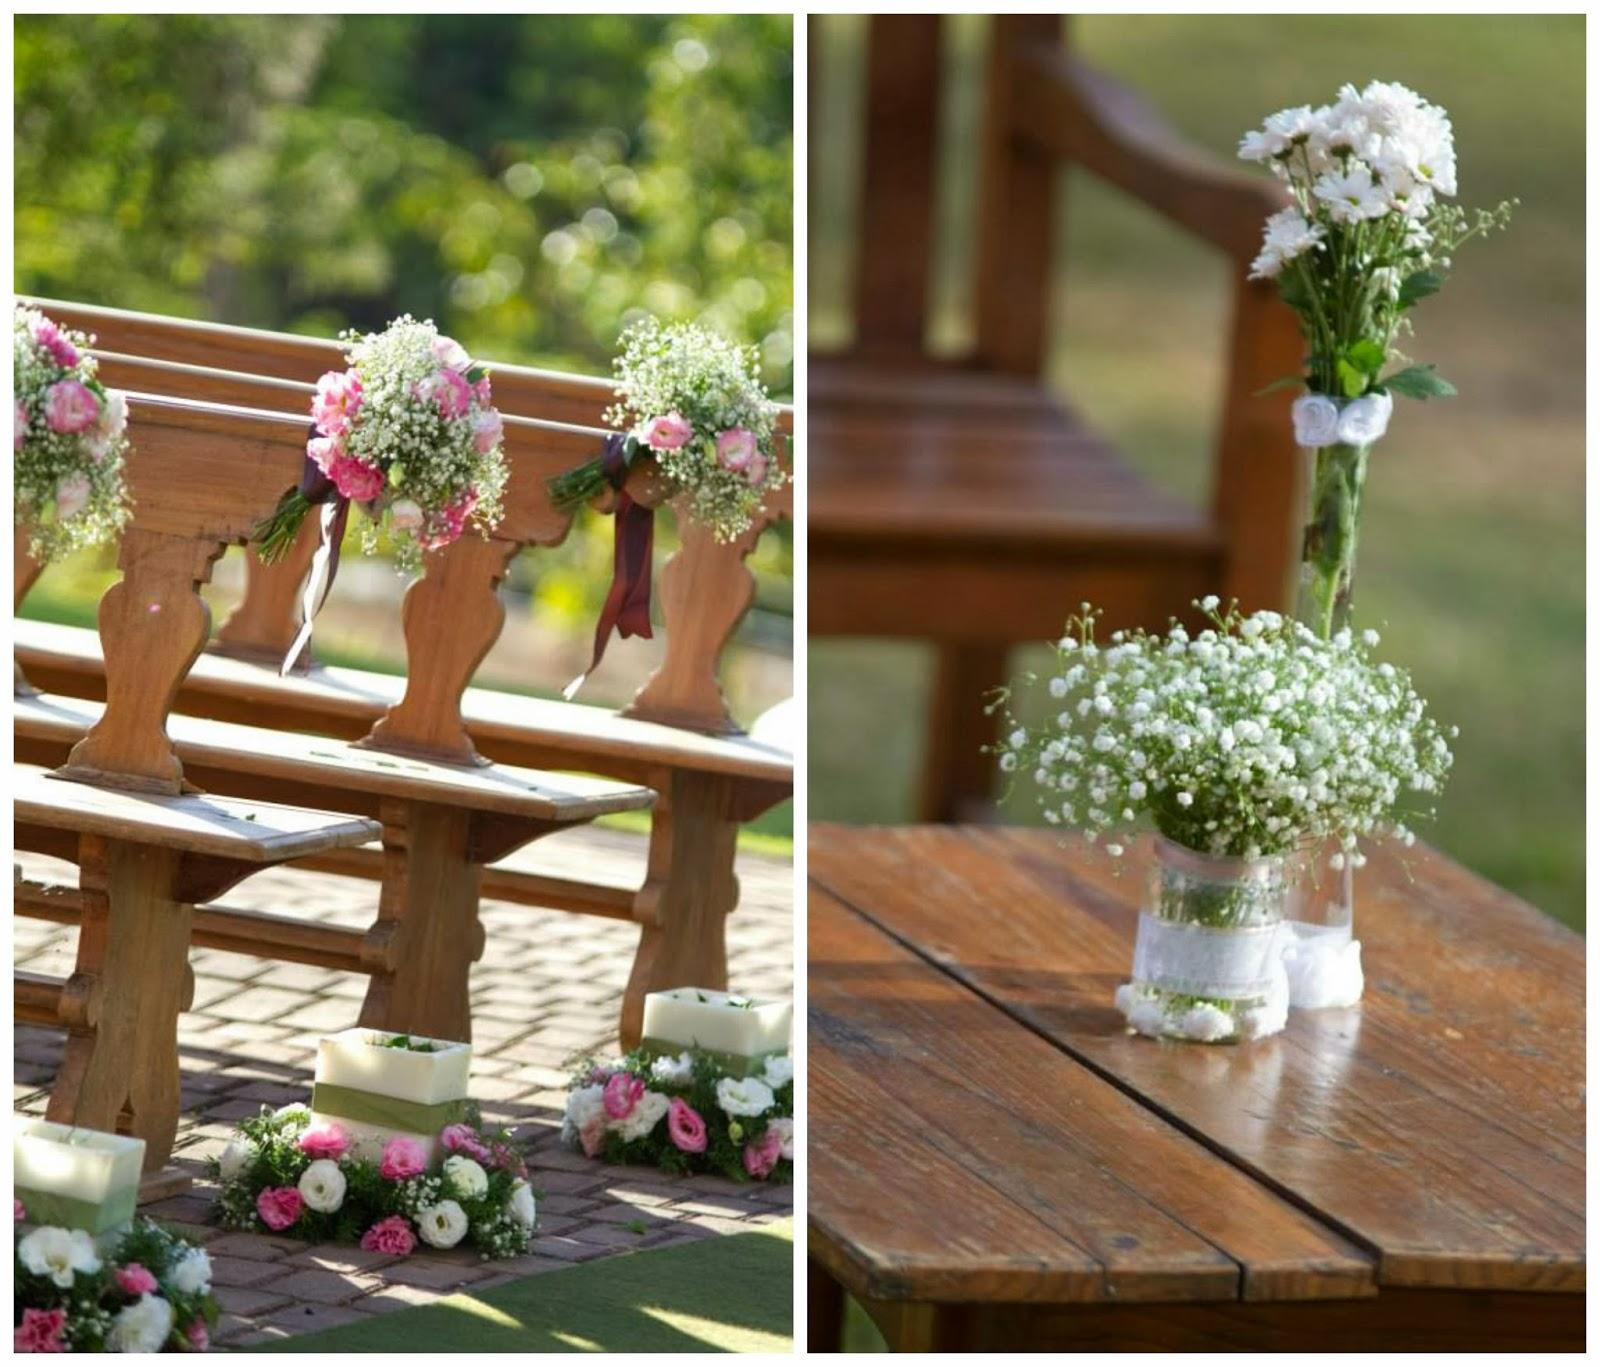 cerimônia - casamento ao ar livre - decoração - casamento de dia - flores - bancos na cerimônia - detalhes - vale verde betim